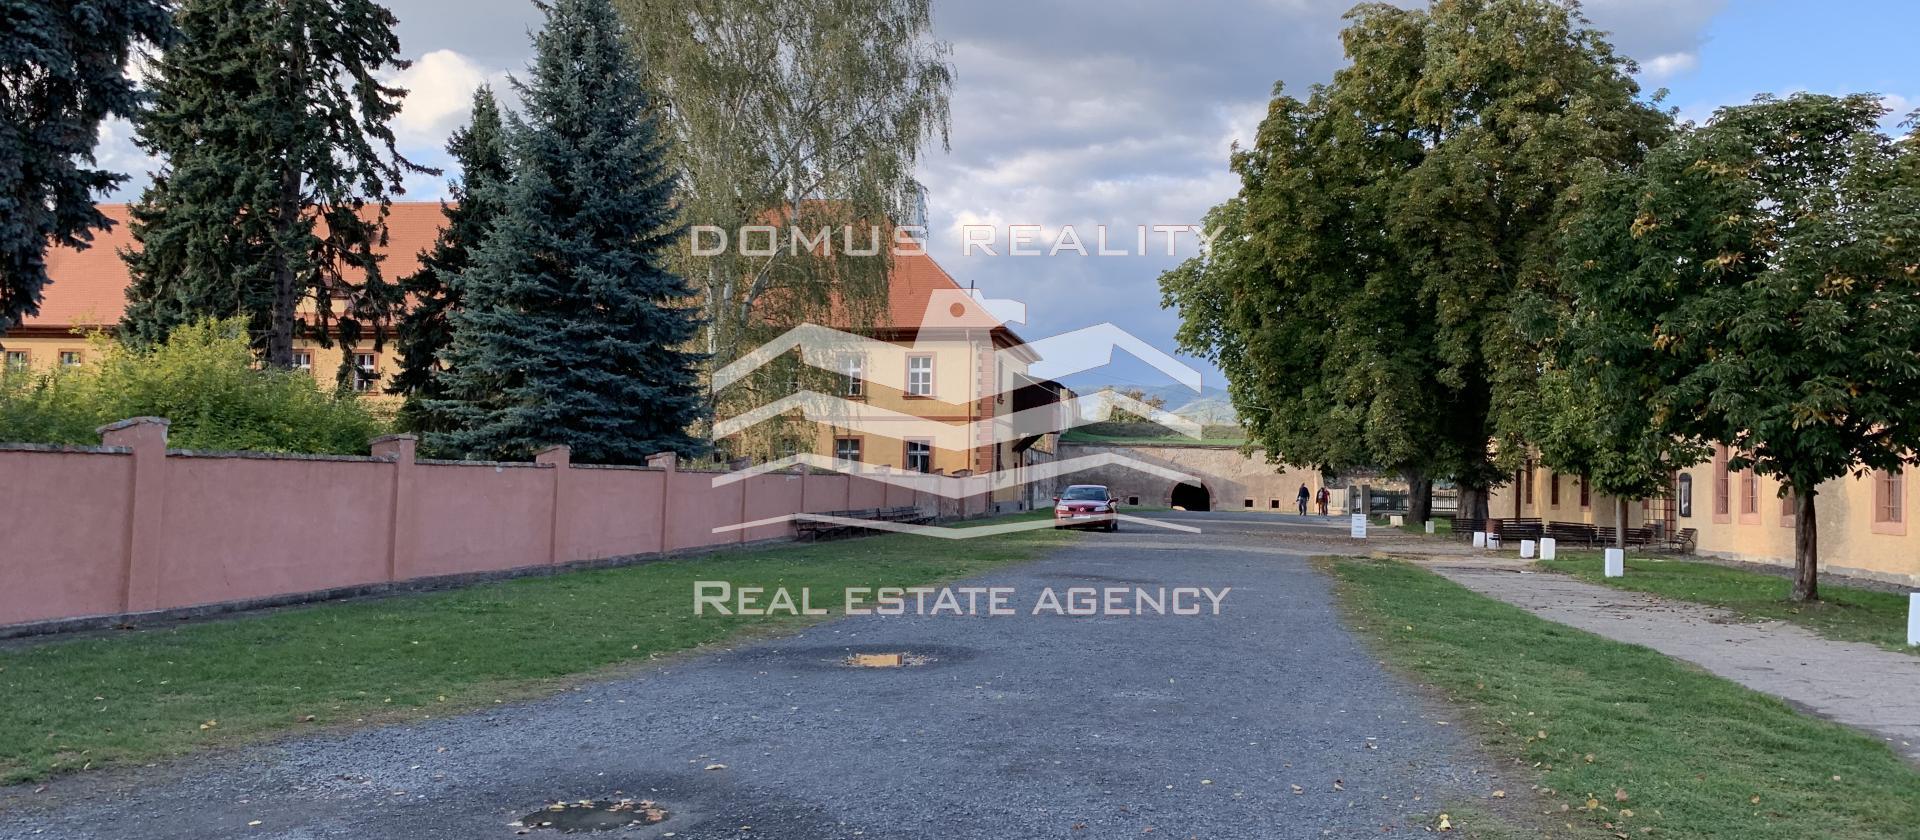 Rodinná vila k rekonstrukci 460 m² + 50 m² terasa, Praha 9 - Klánovice, pozemek 1167 m²